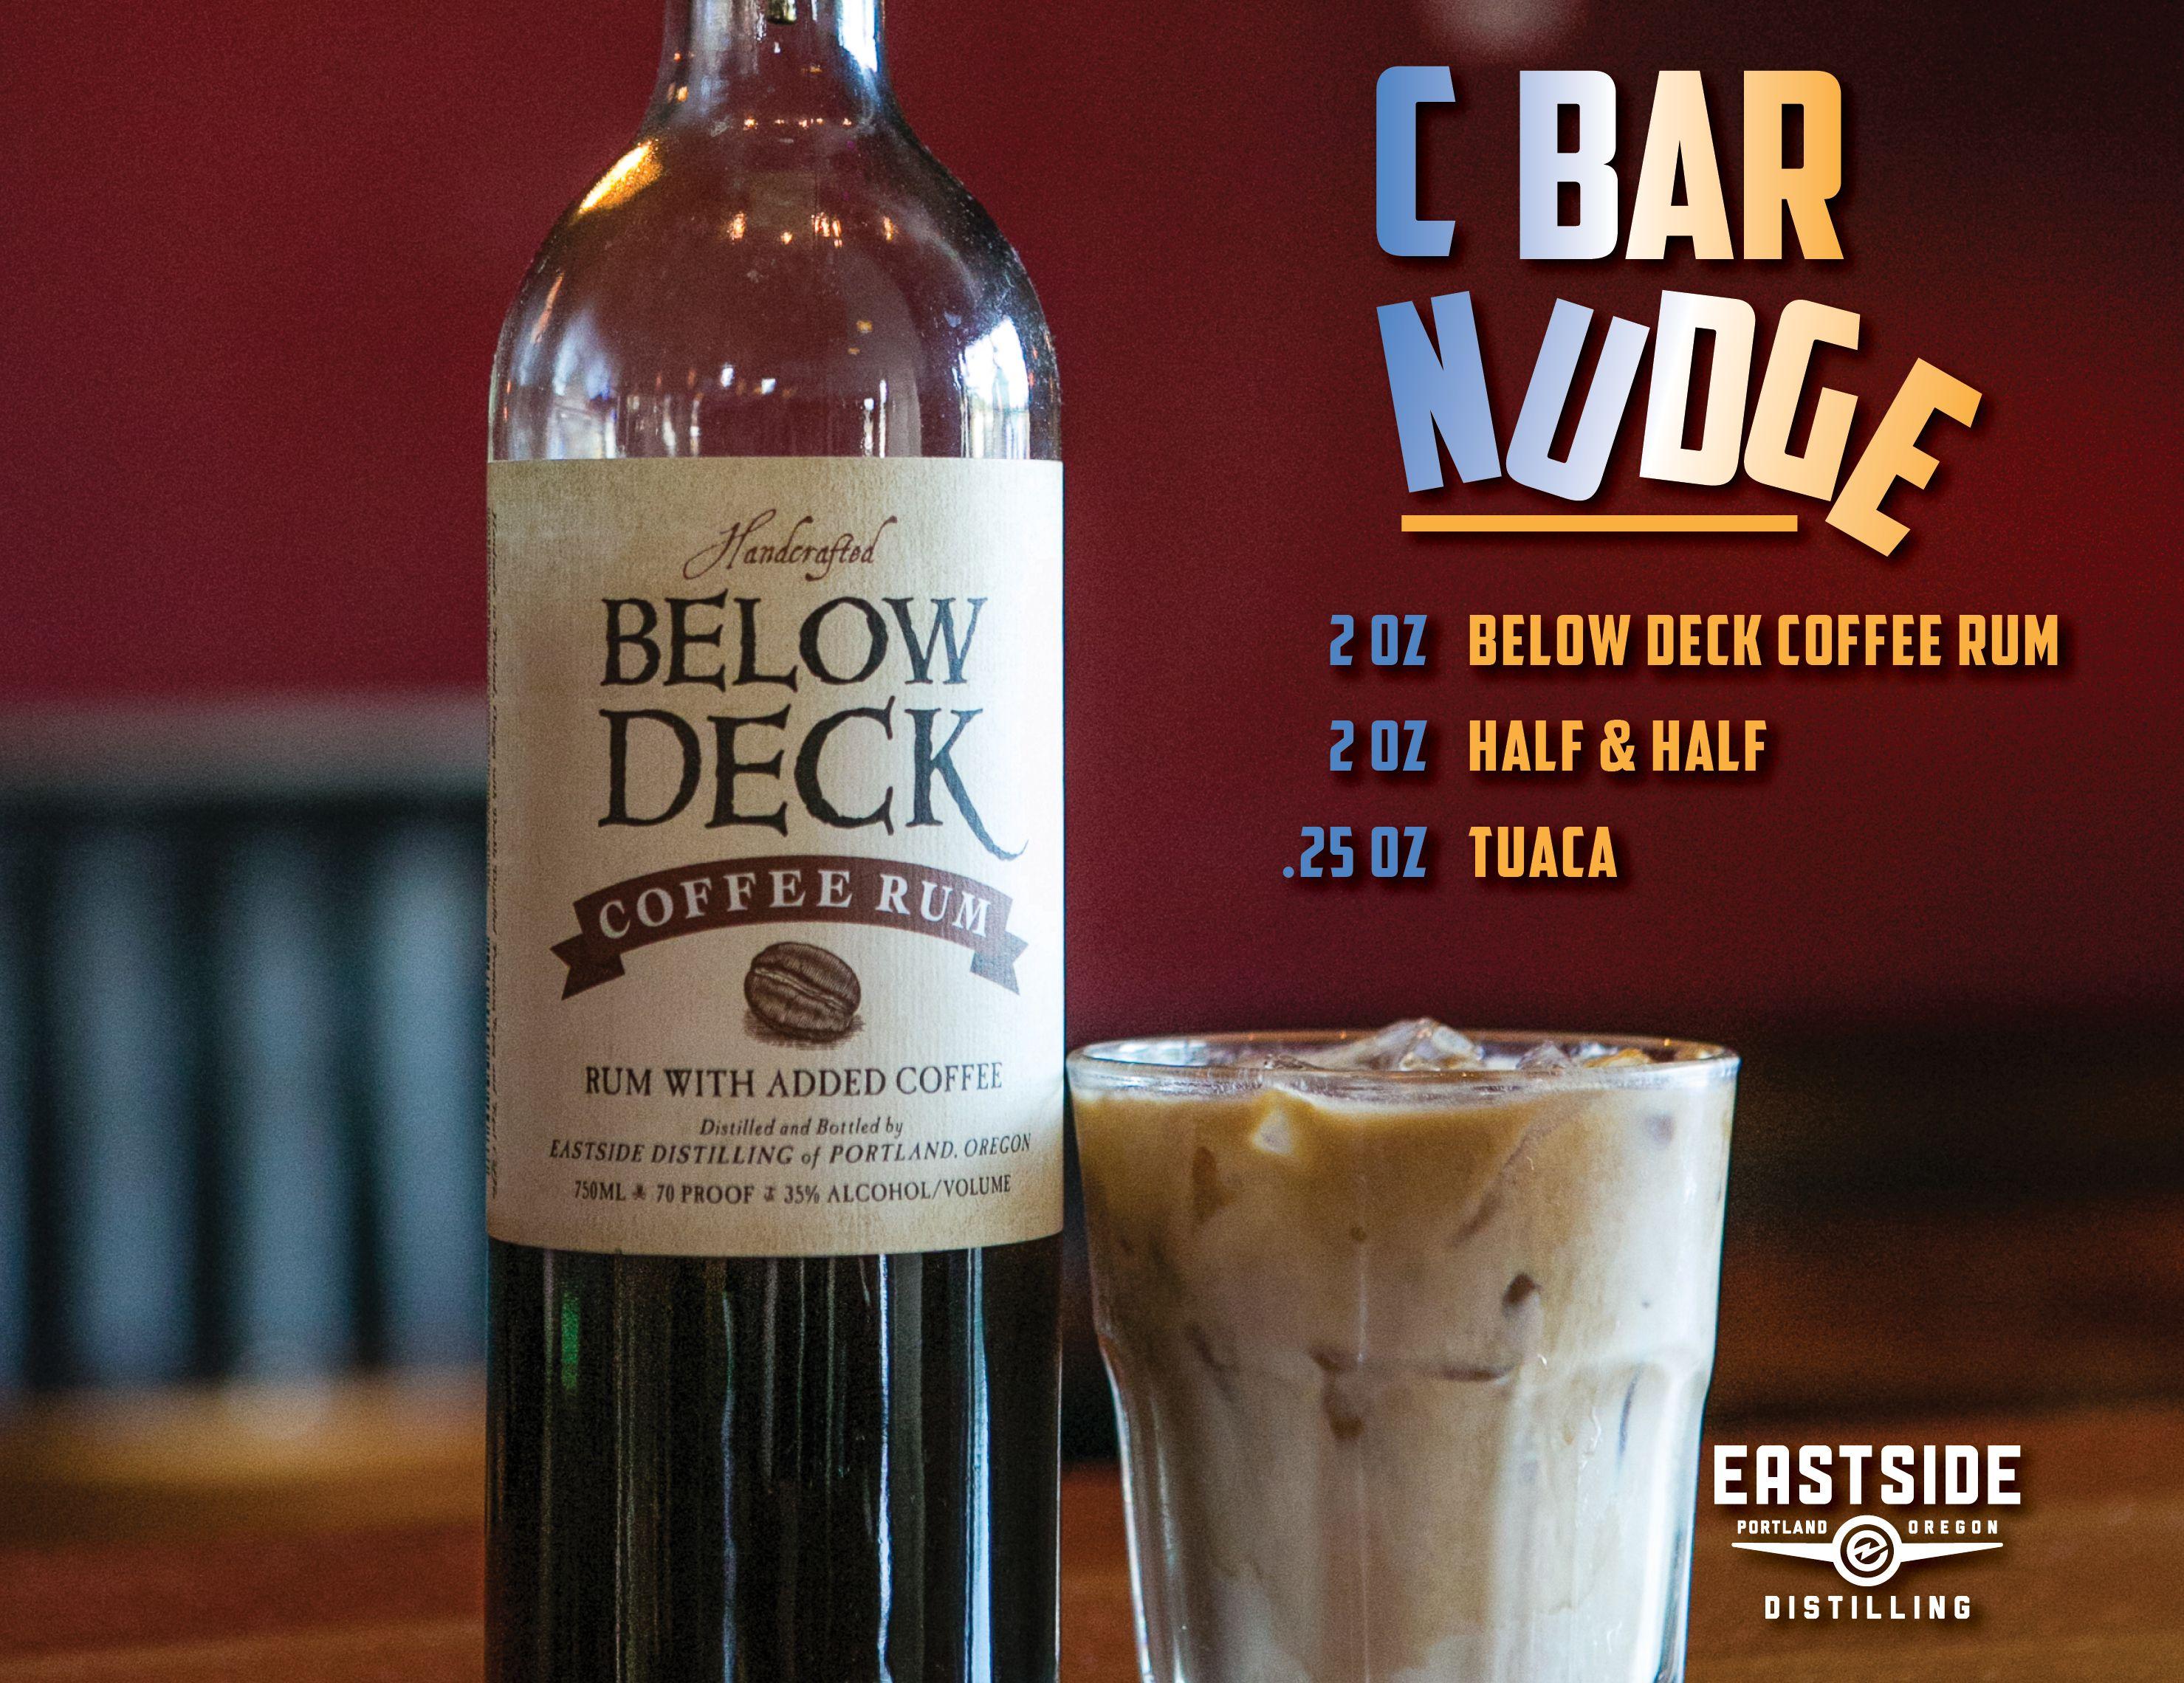 C Bar Nudge Belowdeckrum Coffee Rum Rum Recipes Flavored Rum Rum